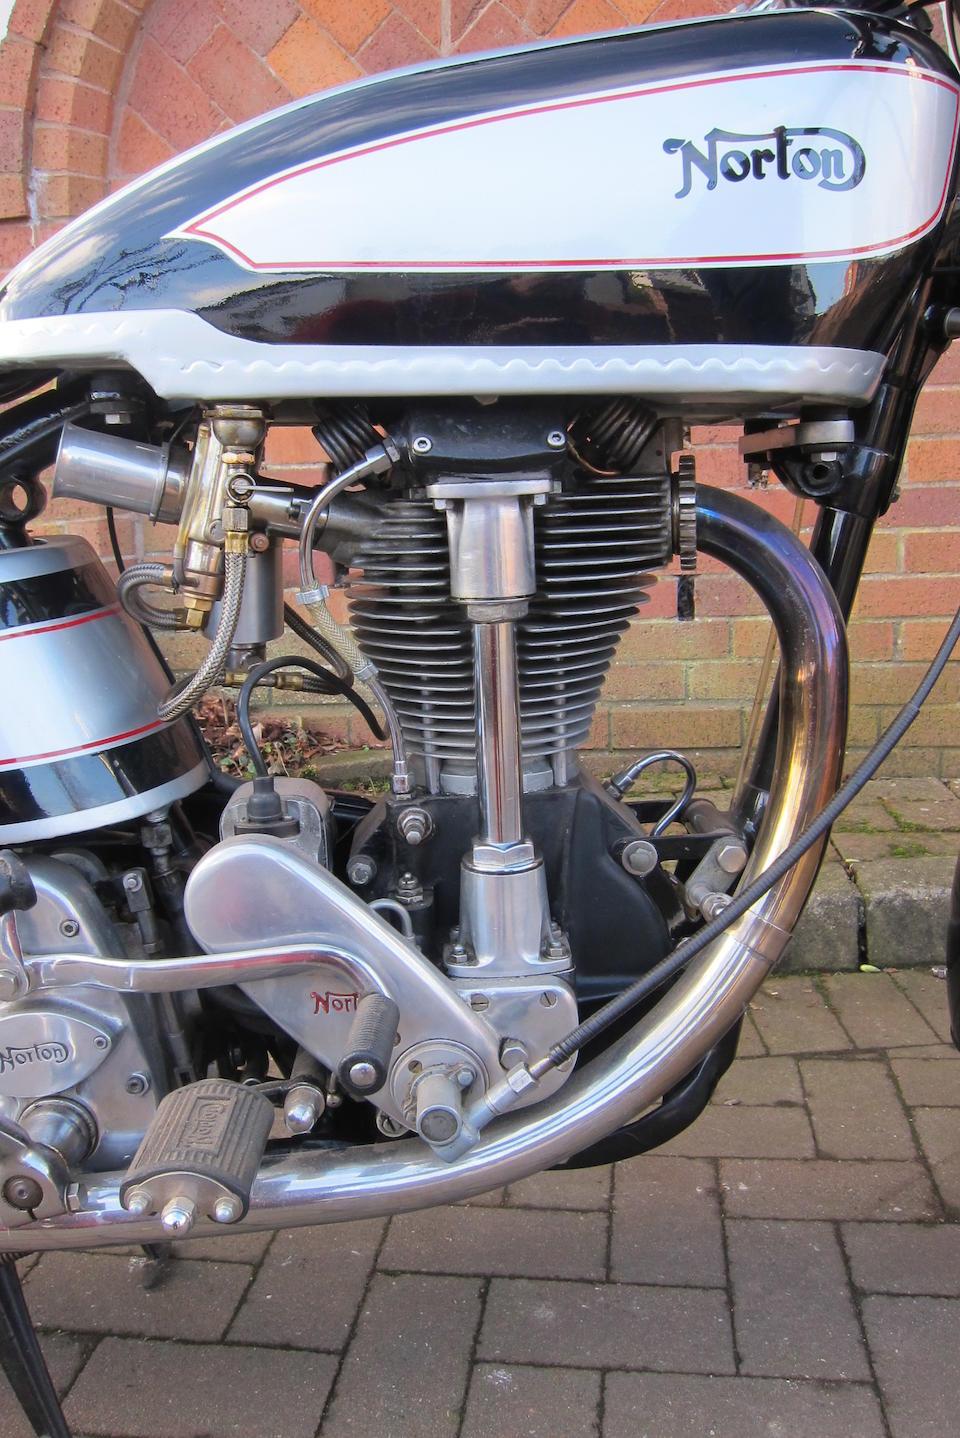 1950 Norton 499cc ES2 / International Frame no. E4 31175 Engine no. 69730 E11